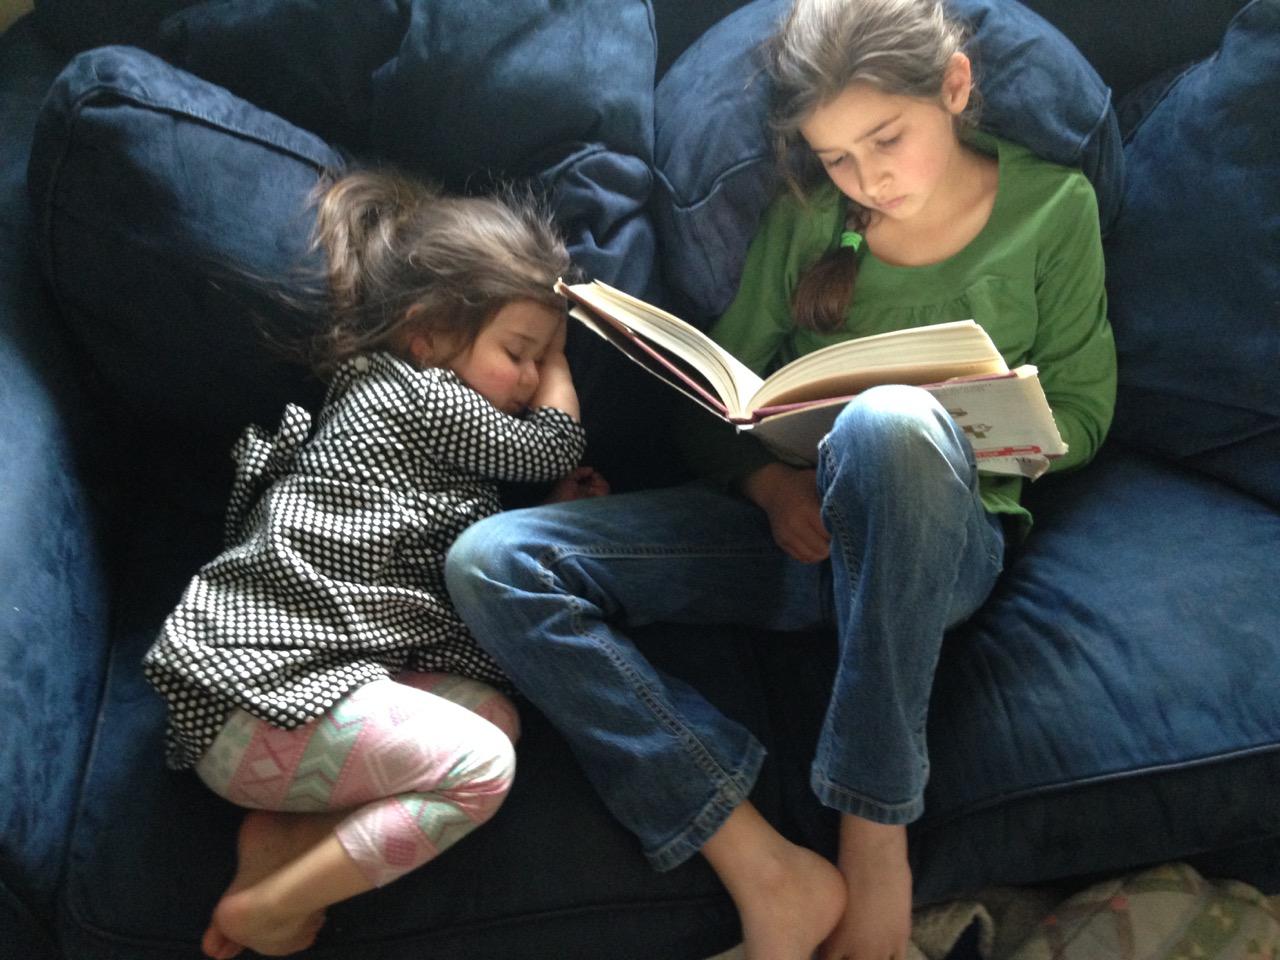 Bella reads, Lucy dozes.